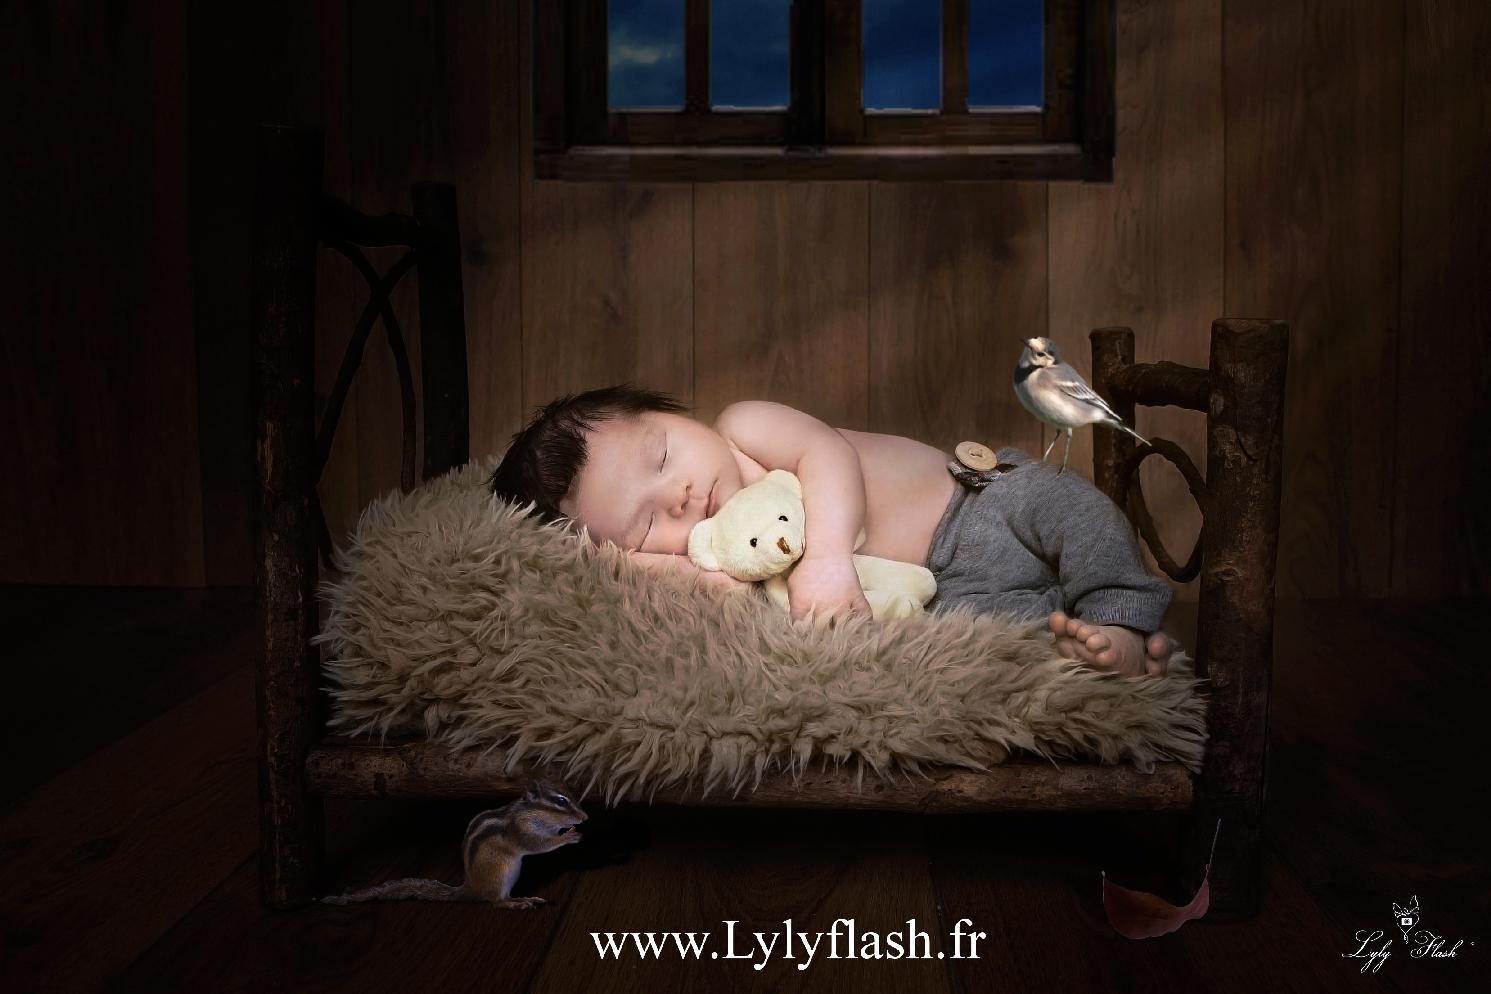 lylyflash-9